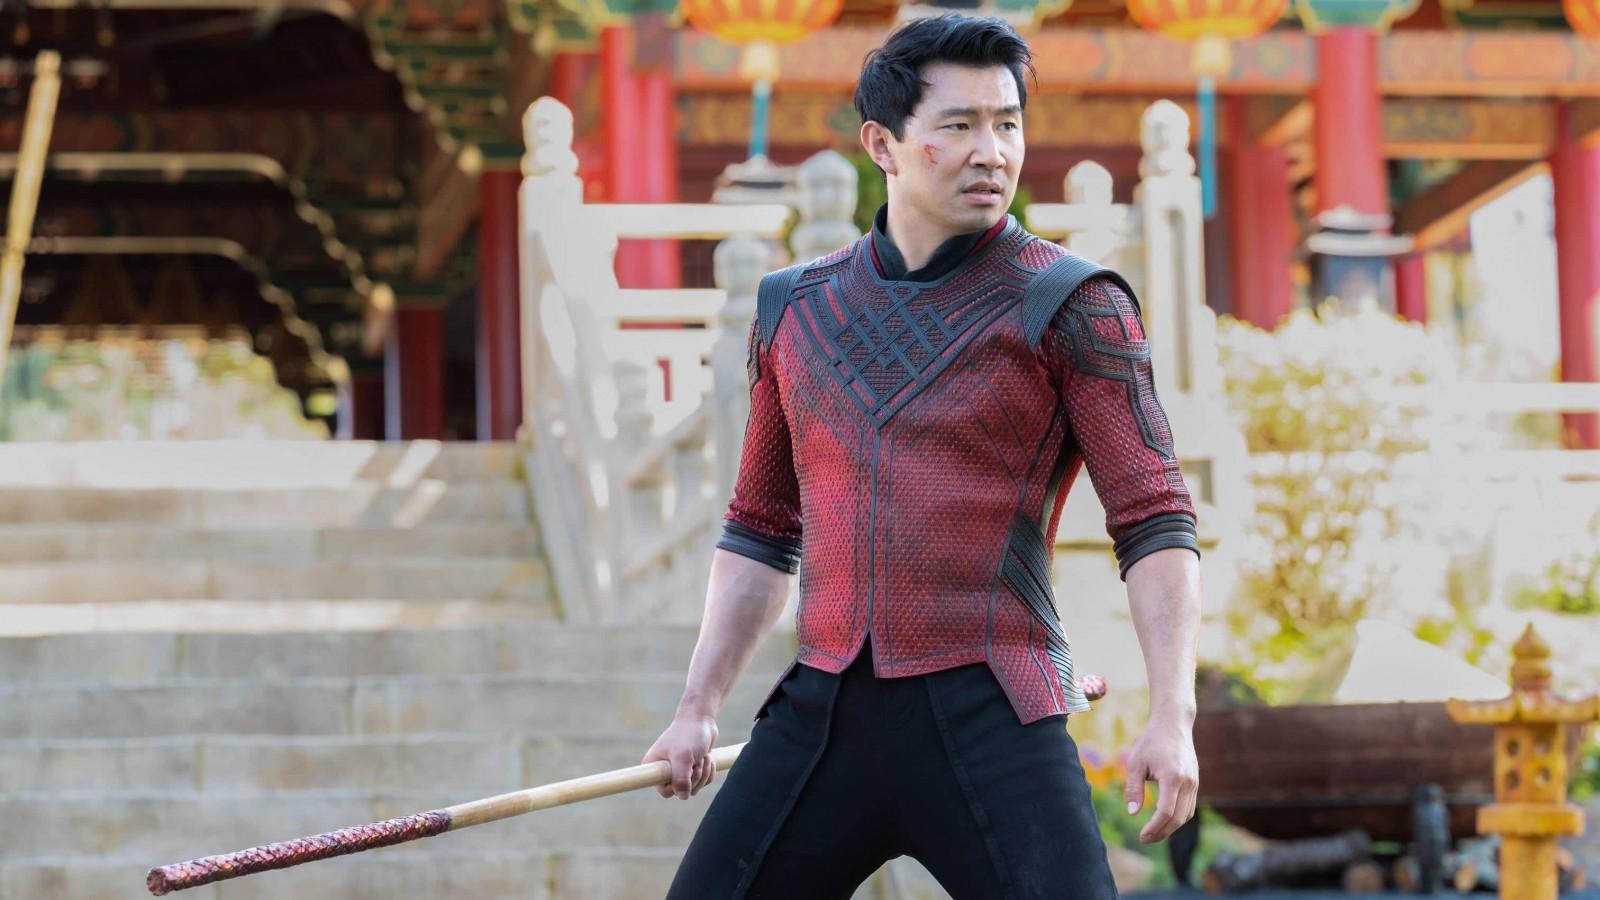 Xbox Series X edición especial de Shang-Chi ¿Cómo ganarlo? 1